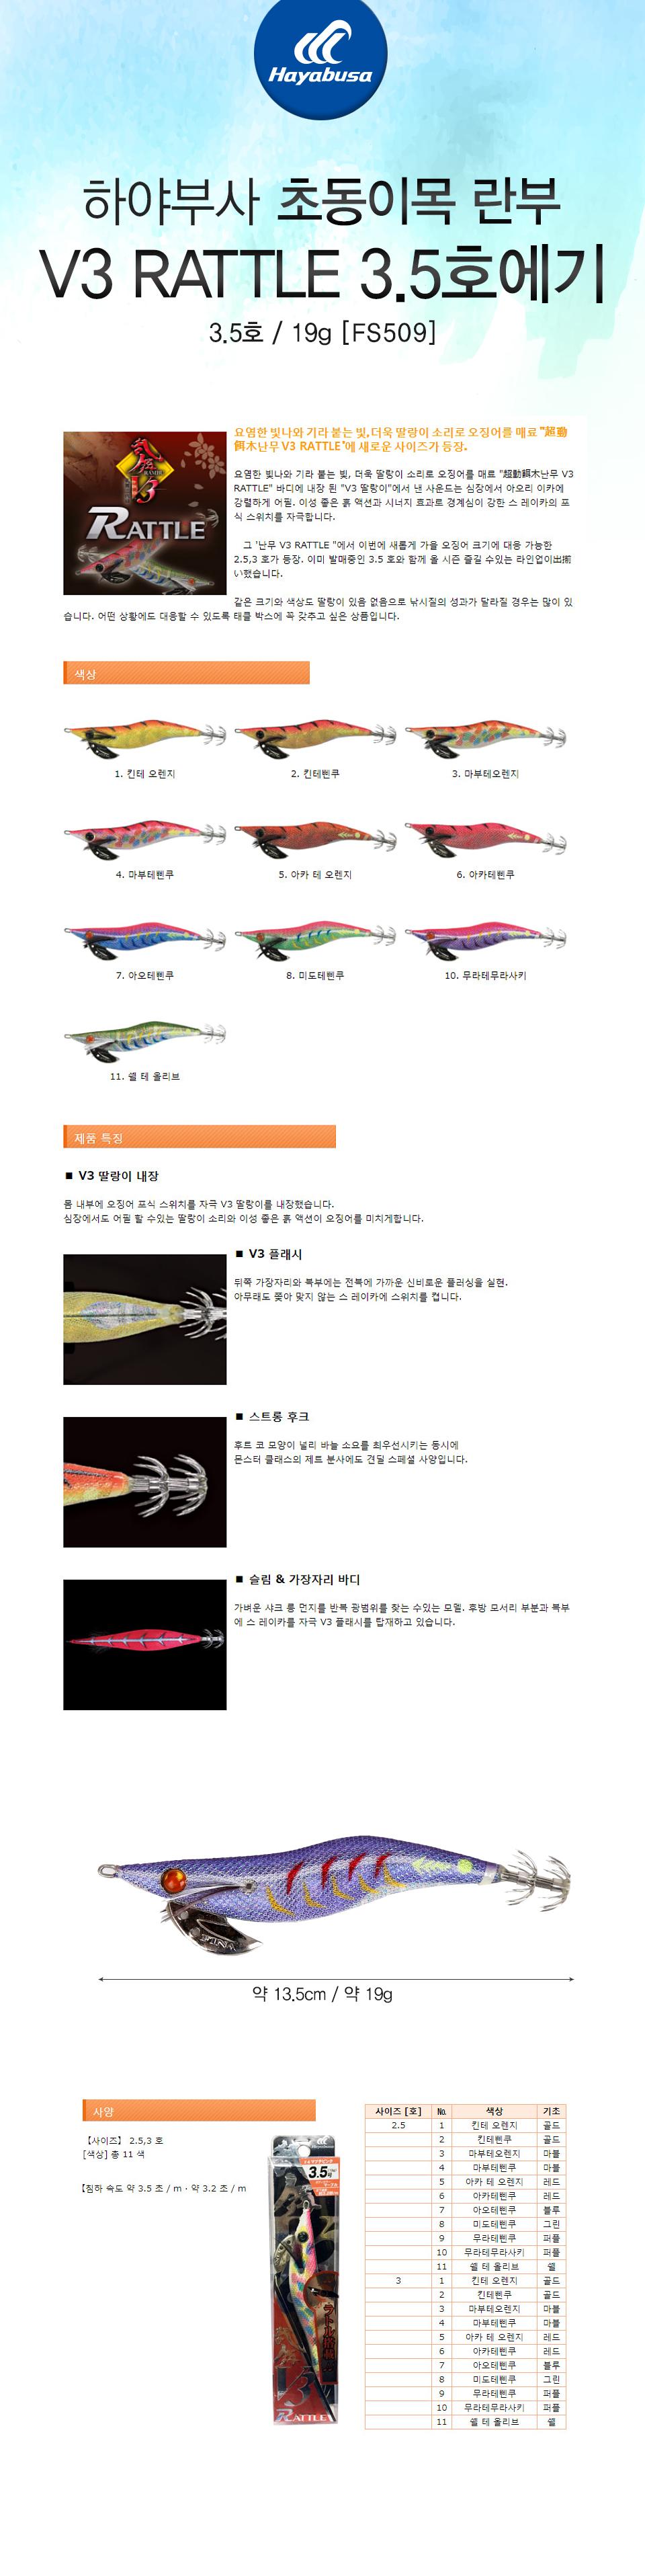 하야부사 초동이목 란부 V3 RATTLE 3.5에기 (FS509) 에깅 에깅낚시 에기 무늬오징어 무뉘오징어 문어 문어낚시 무늬오징어낚시